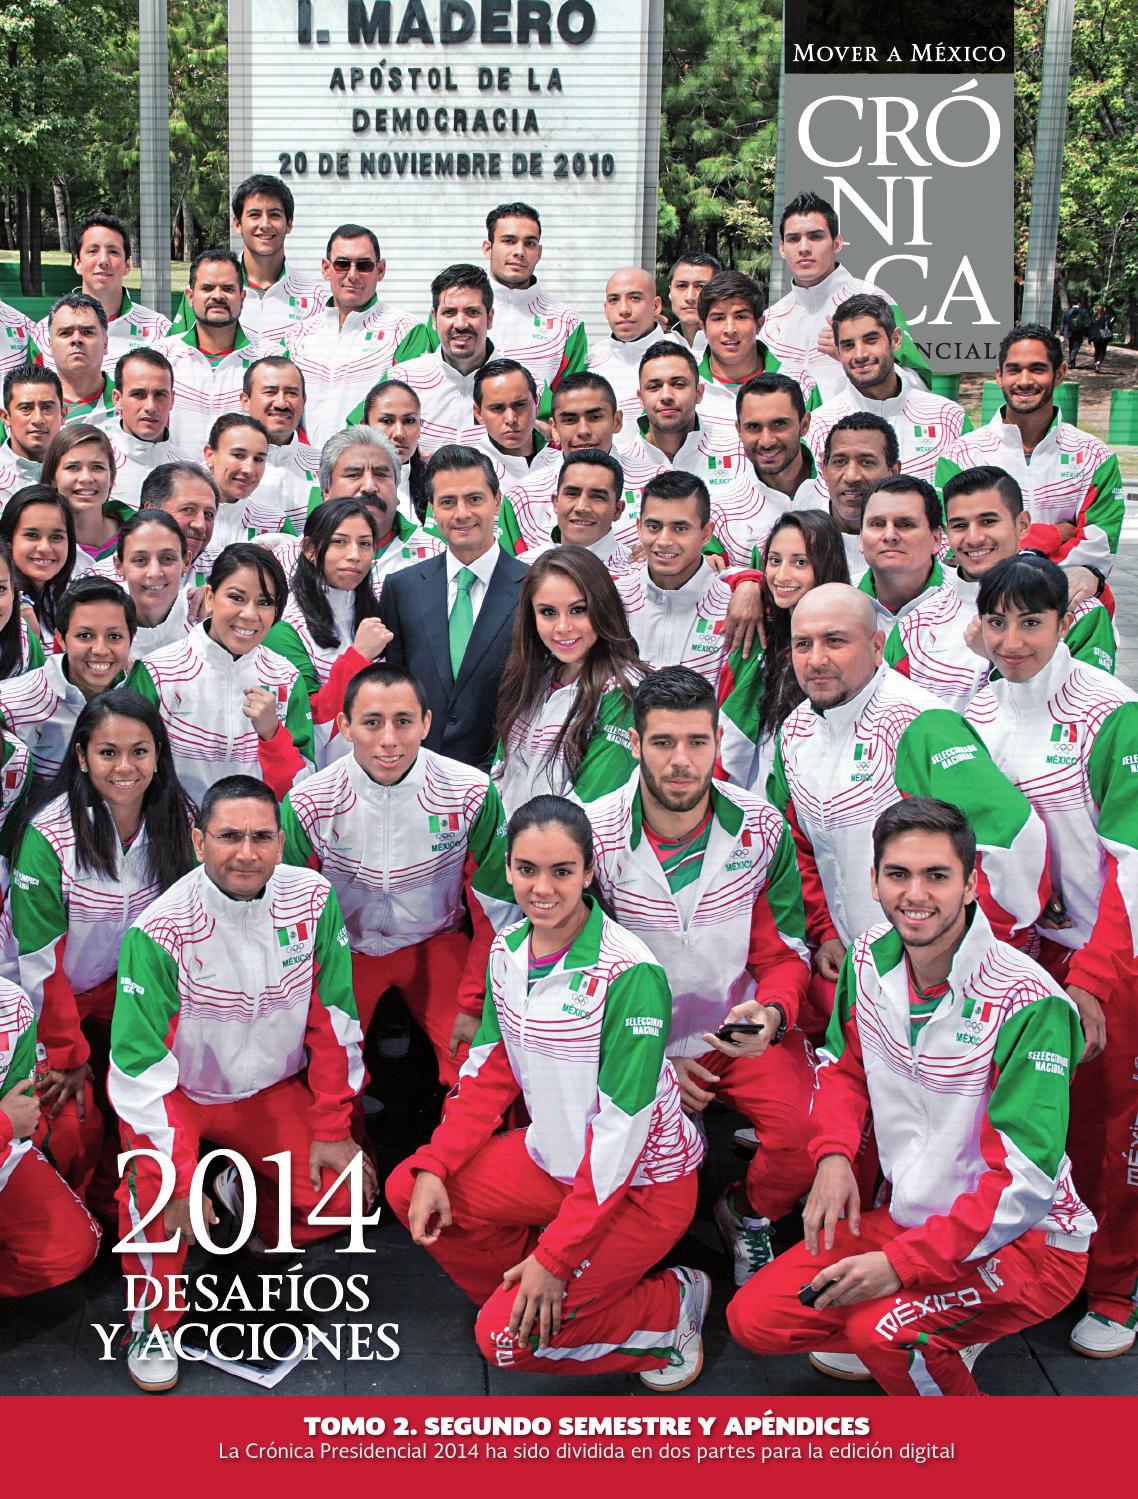 Cr Nica Presidencial 2014 Tomo 2 By Presidencia De La Rep Blica  # Muebles Gaza Ocotlan